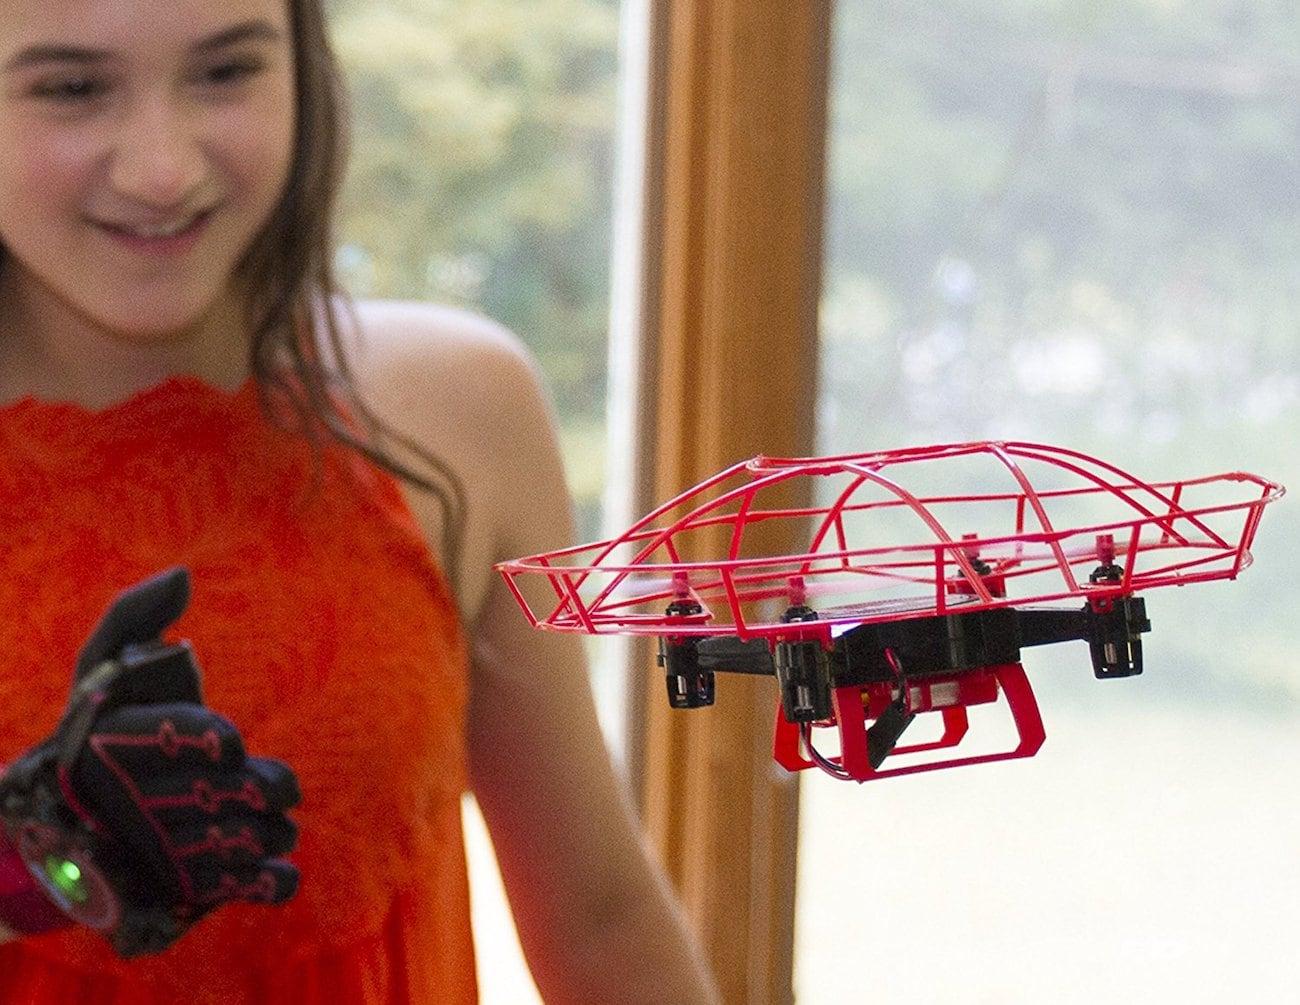 KD+Aura+Interactive+Gesture+Drone